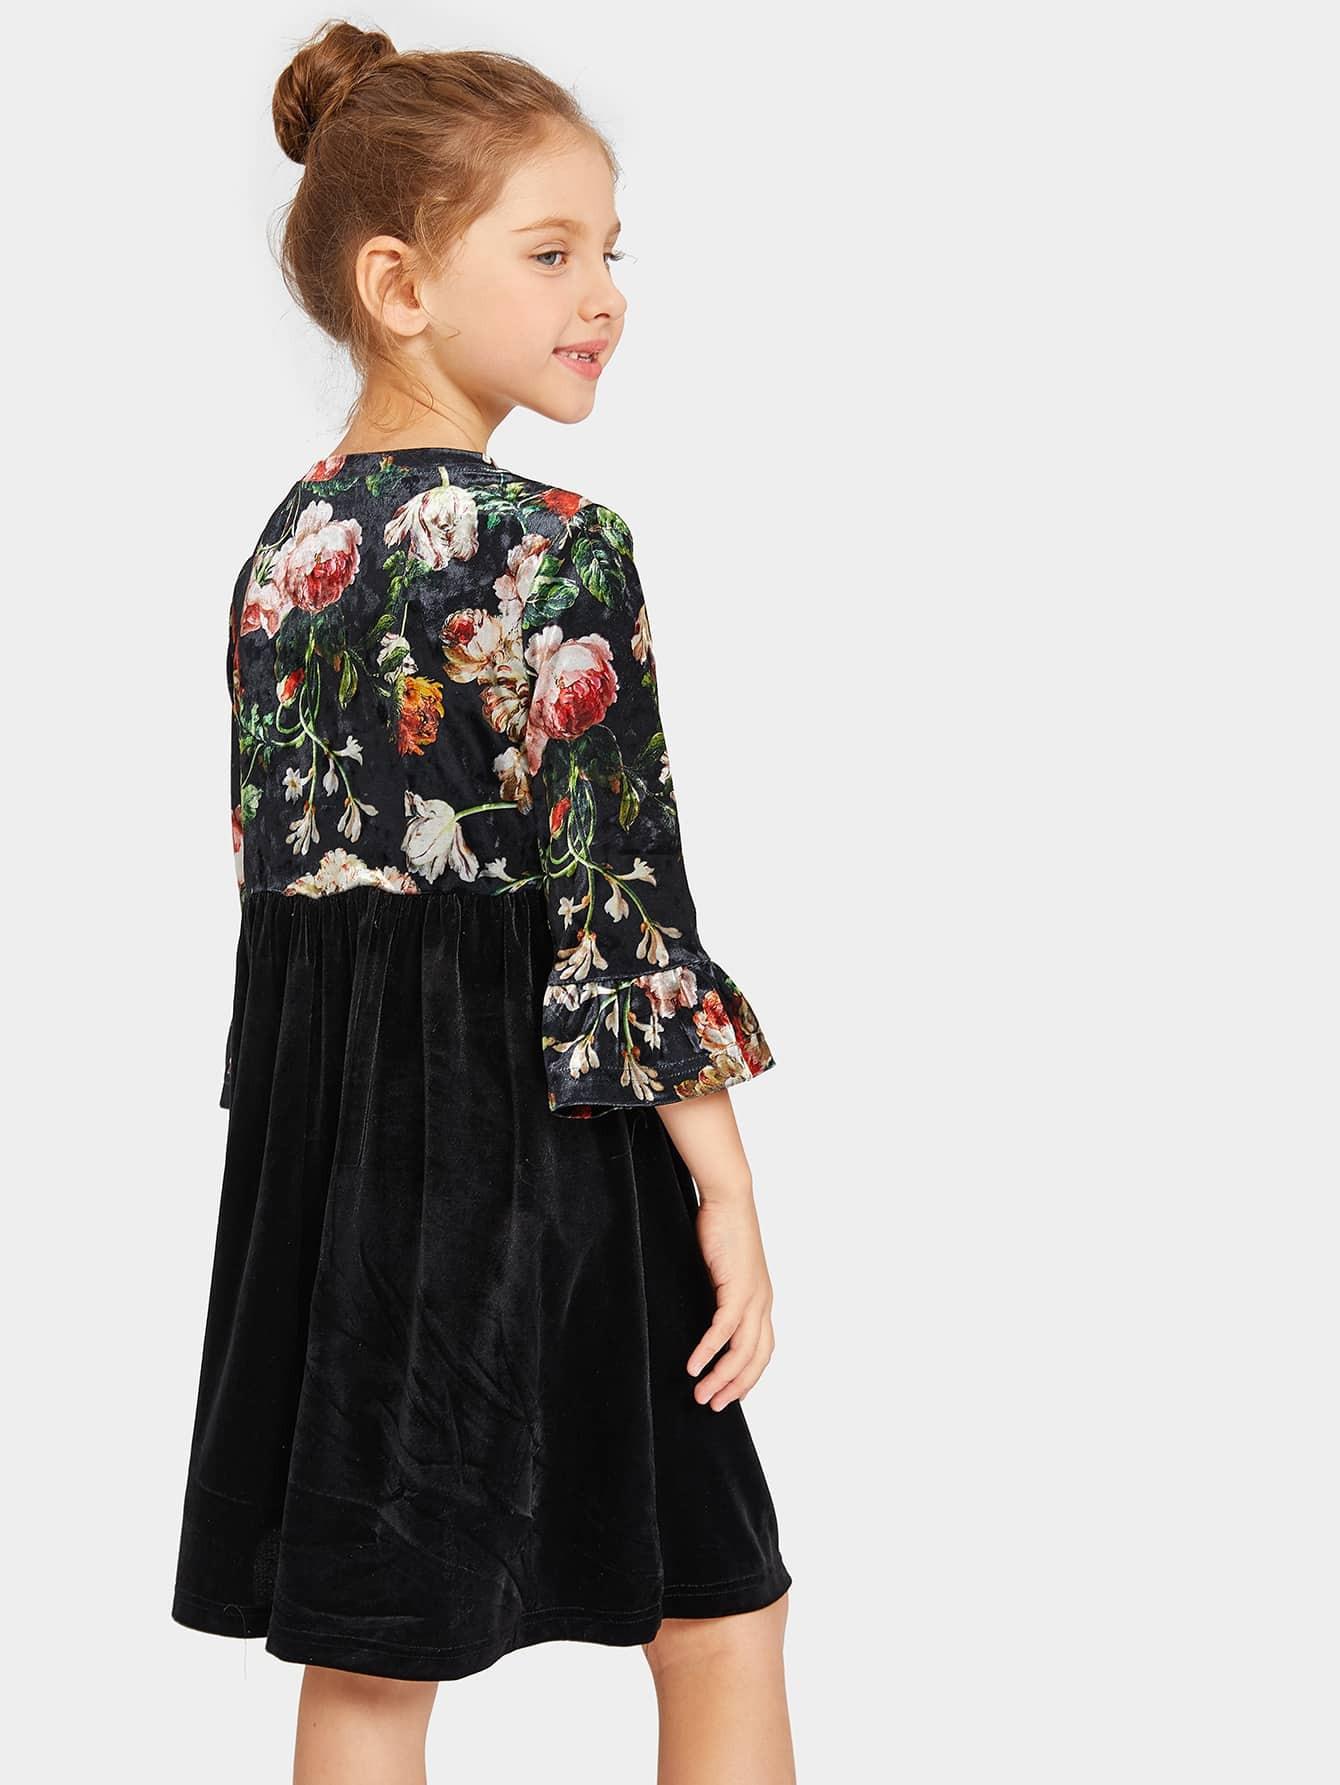 Mädchen Hängerkleid Mit Schönßchen Ärmelblumen Muster Und